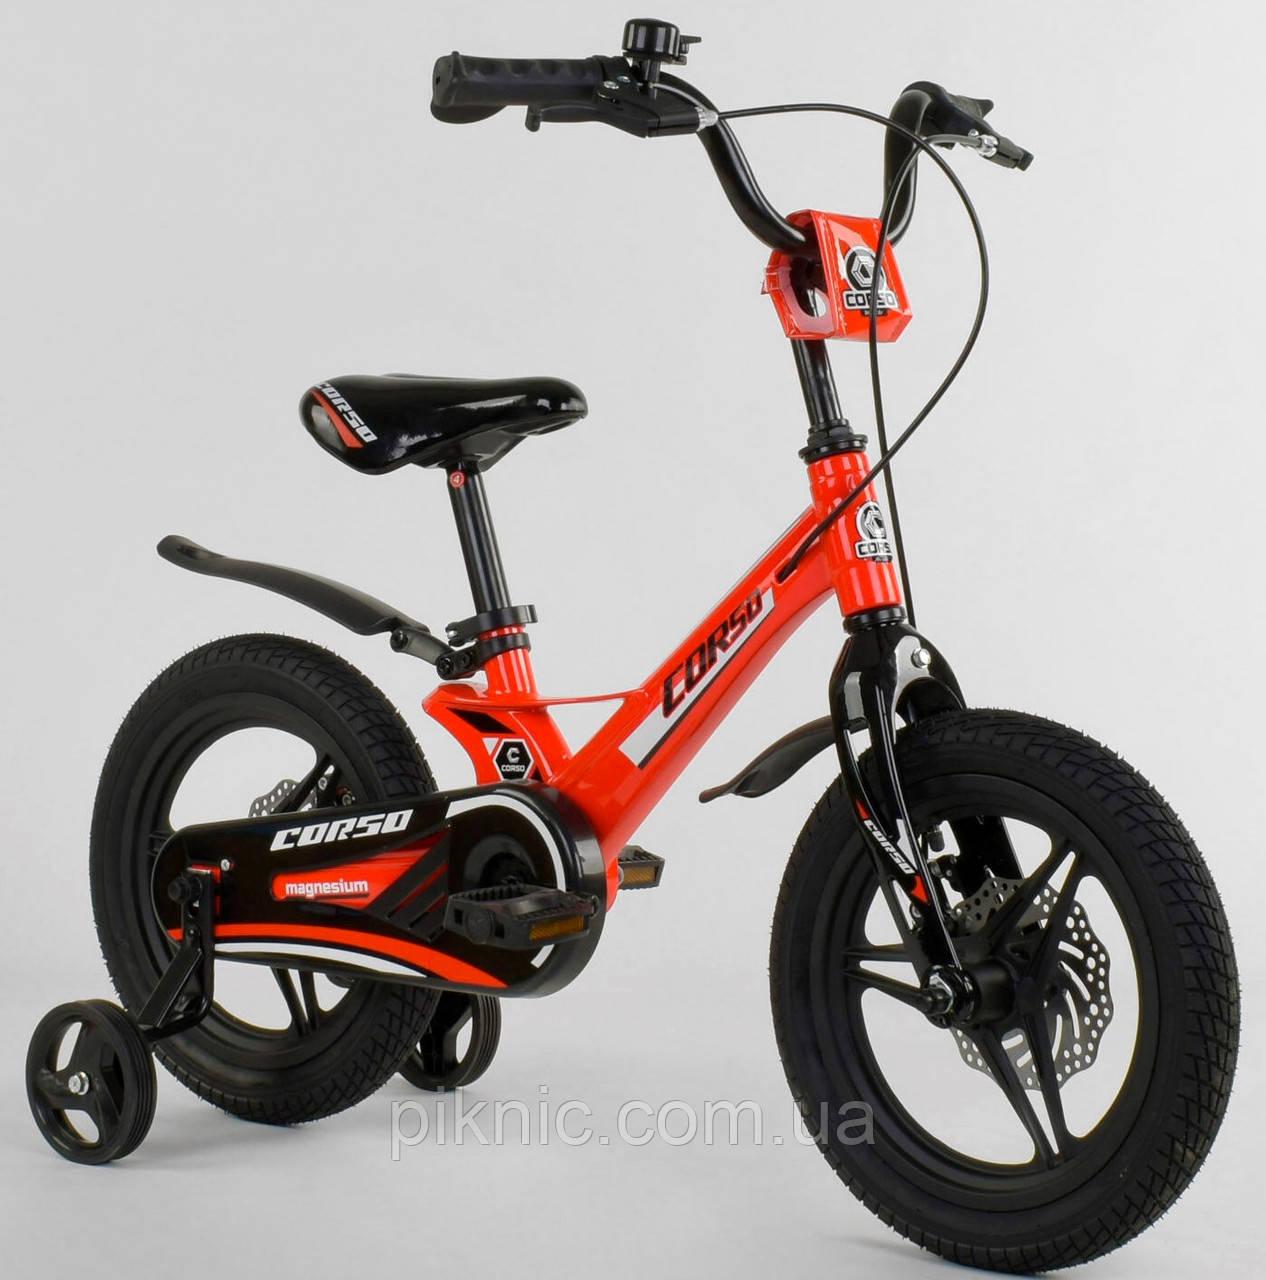 Велосипед 14 дюймів для дітей 4, 5 років. Магнієва рама. Дитячий 2-х колісний двоколісний Червоний